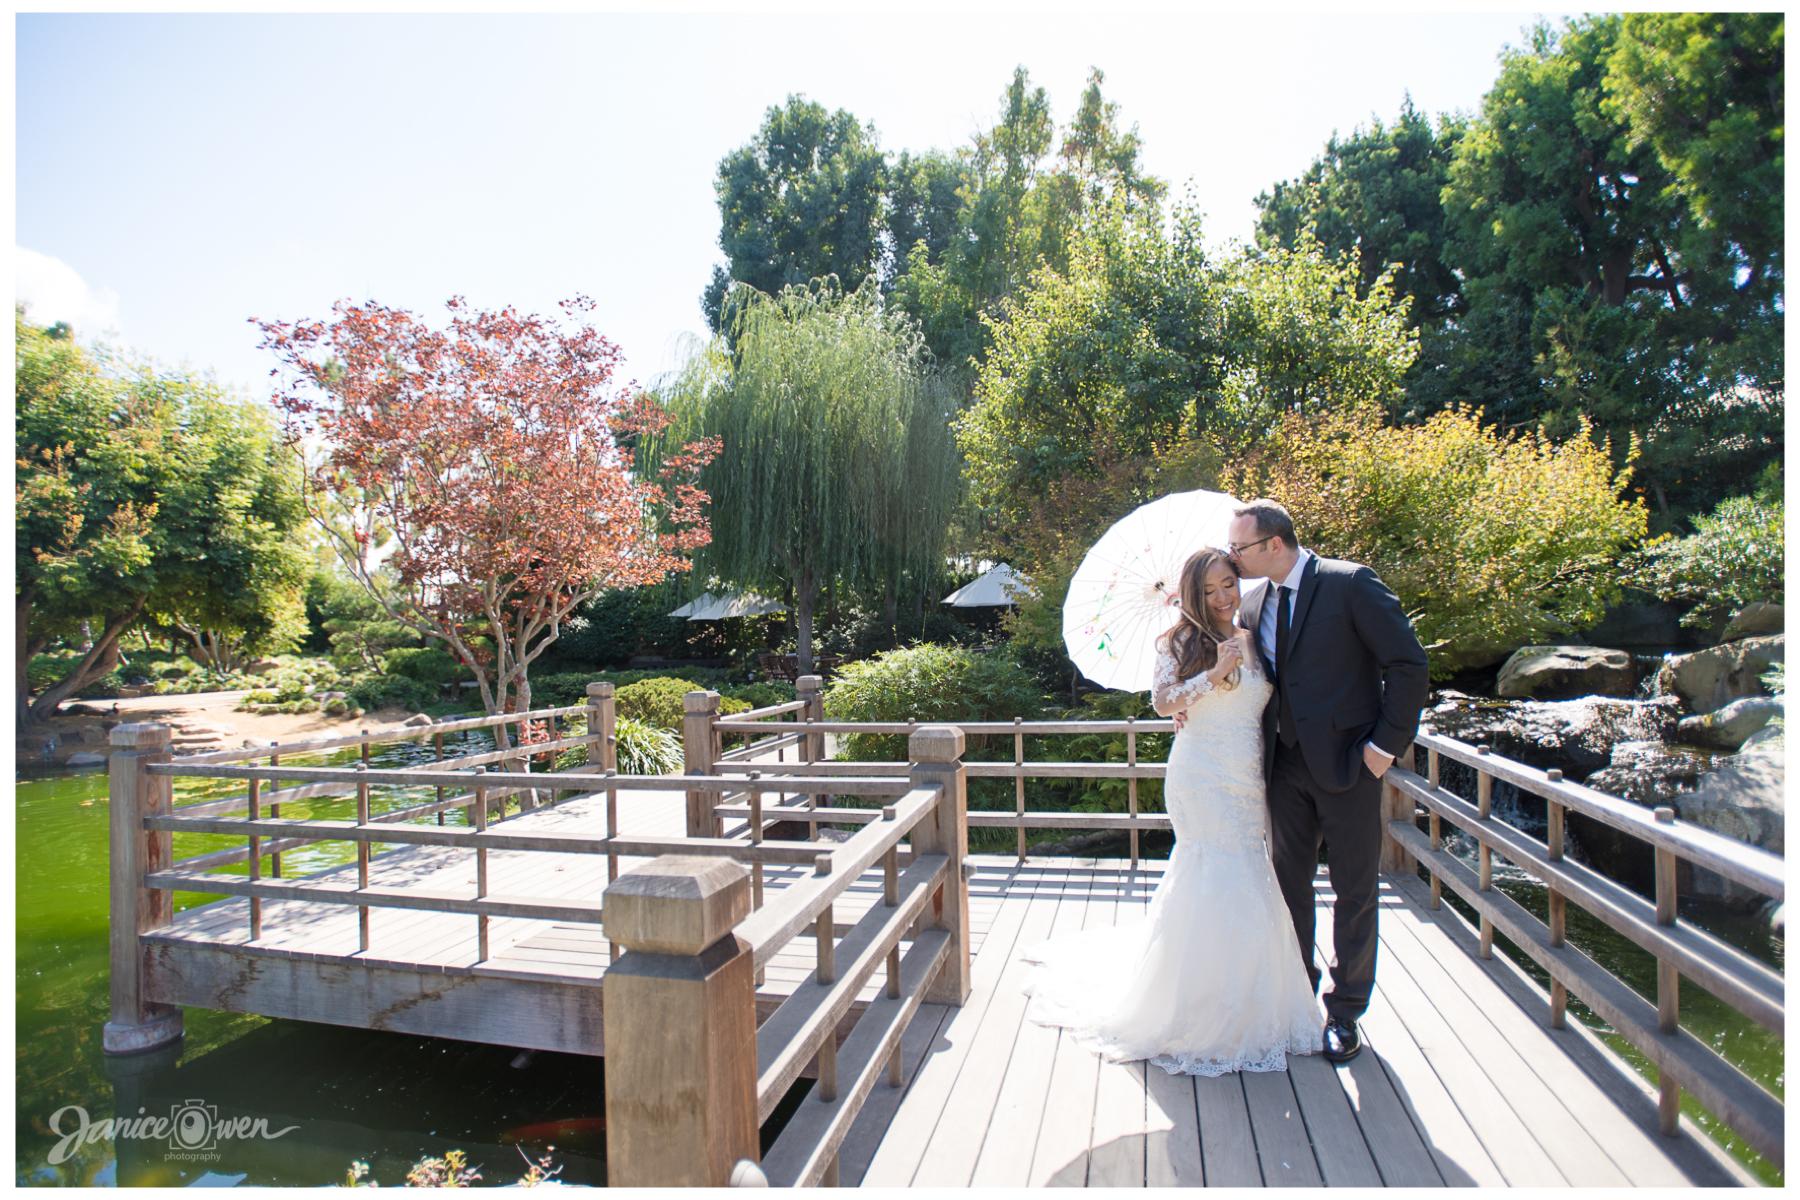 janiceowenphotography_wedding1.jpg